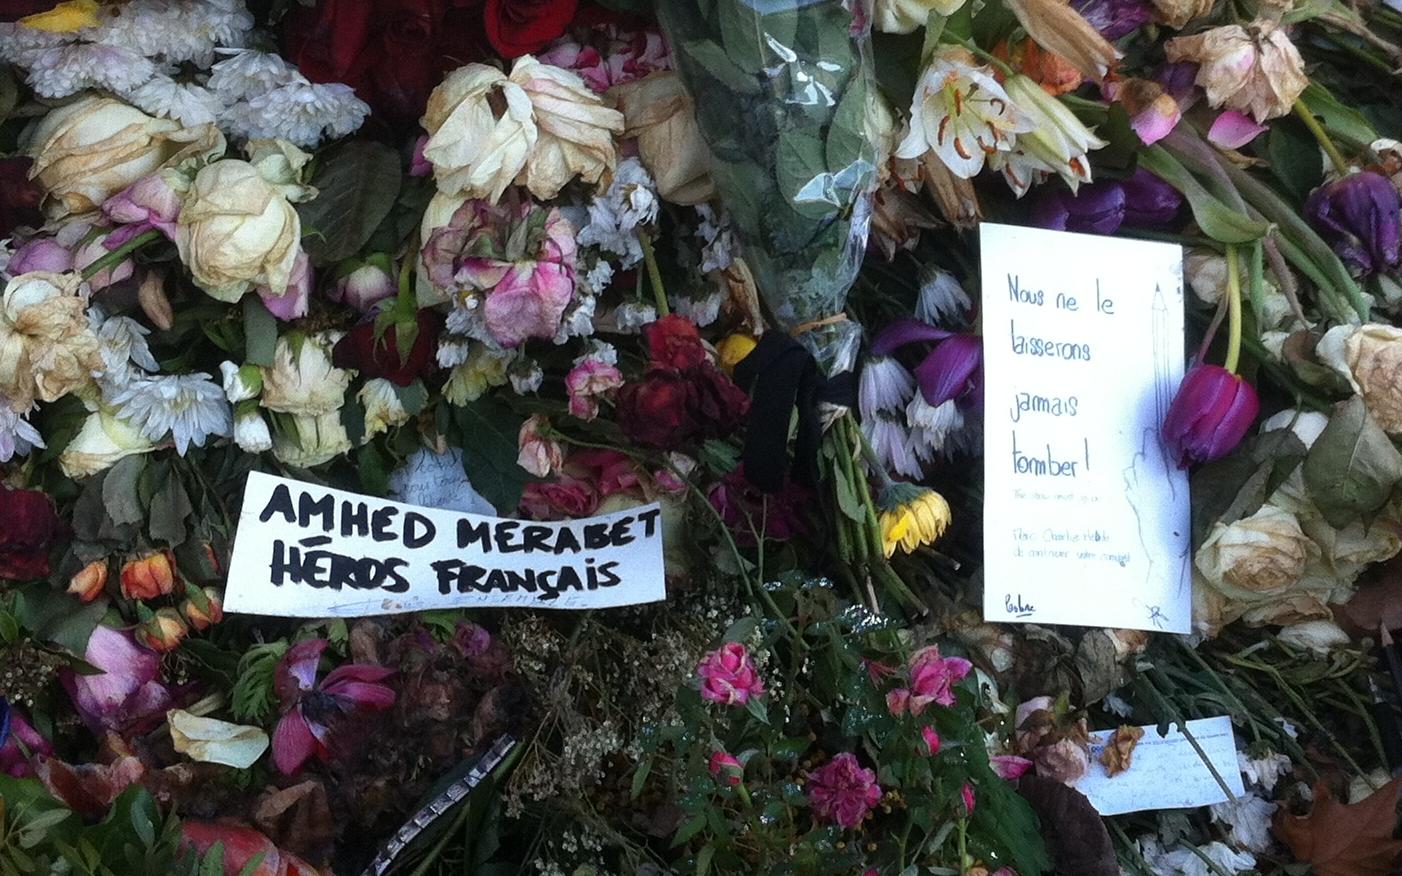 Hommage à Ahmed Merabet et aux 17 victimes des attentats de janvier 2015 à Paris